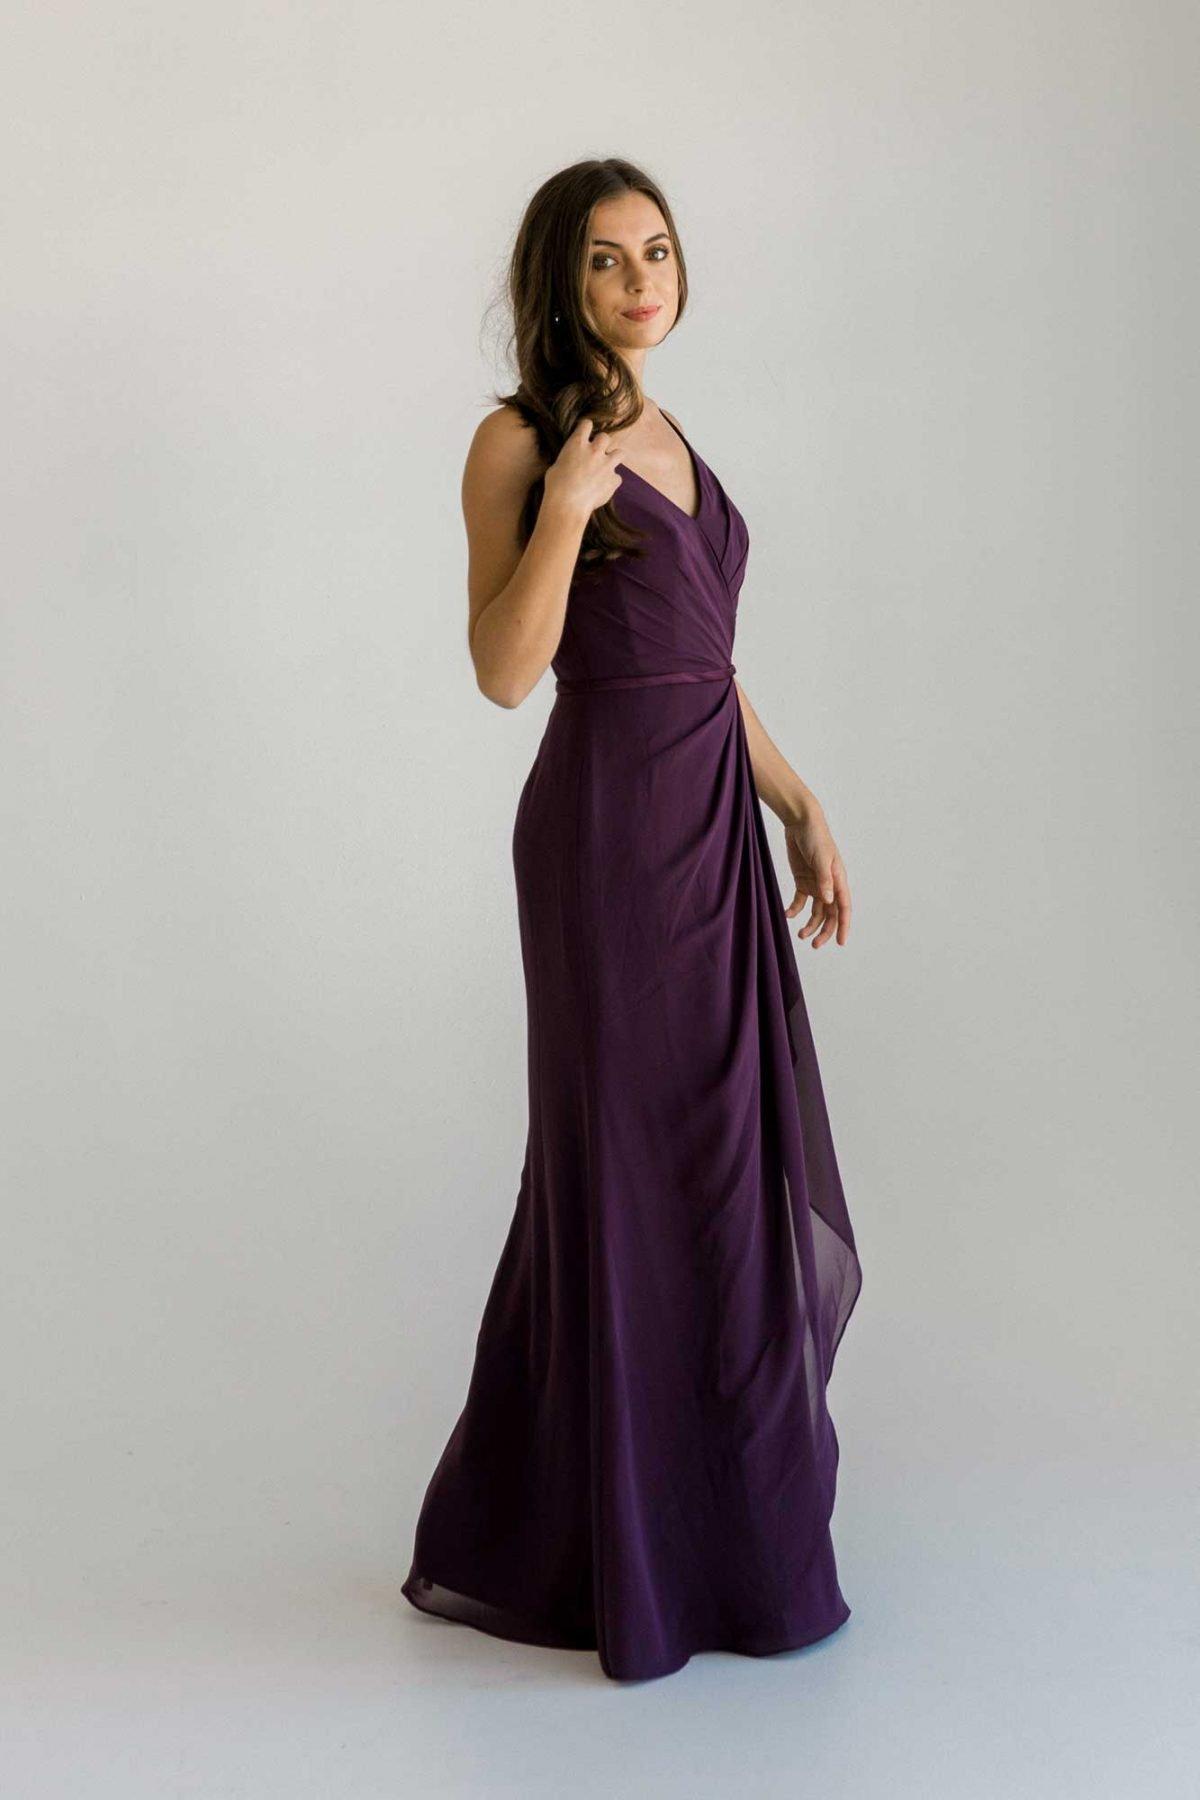 Luna dress in grape colour